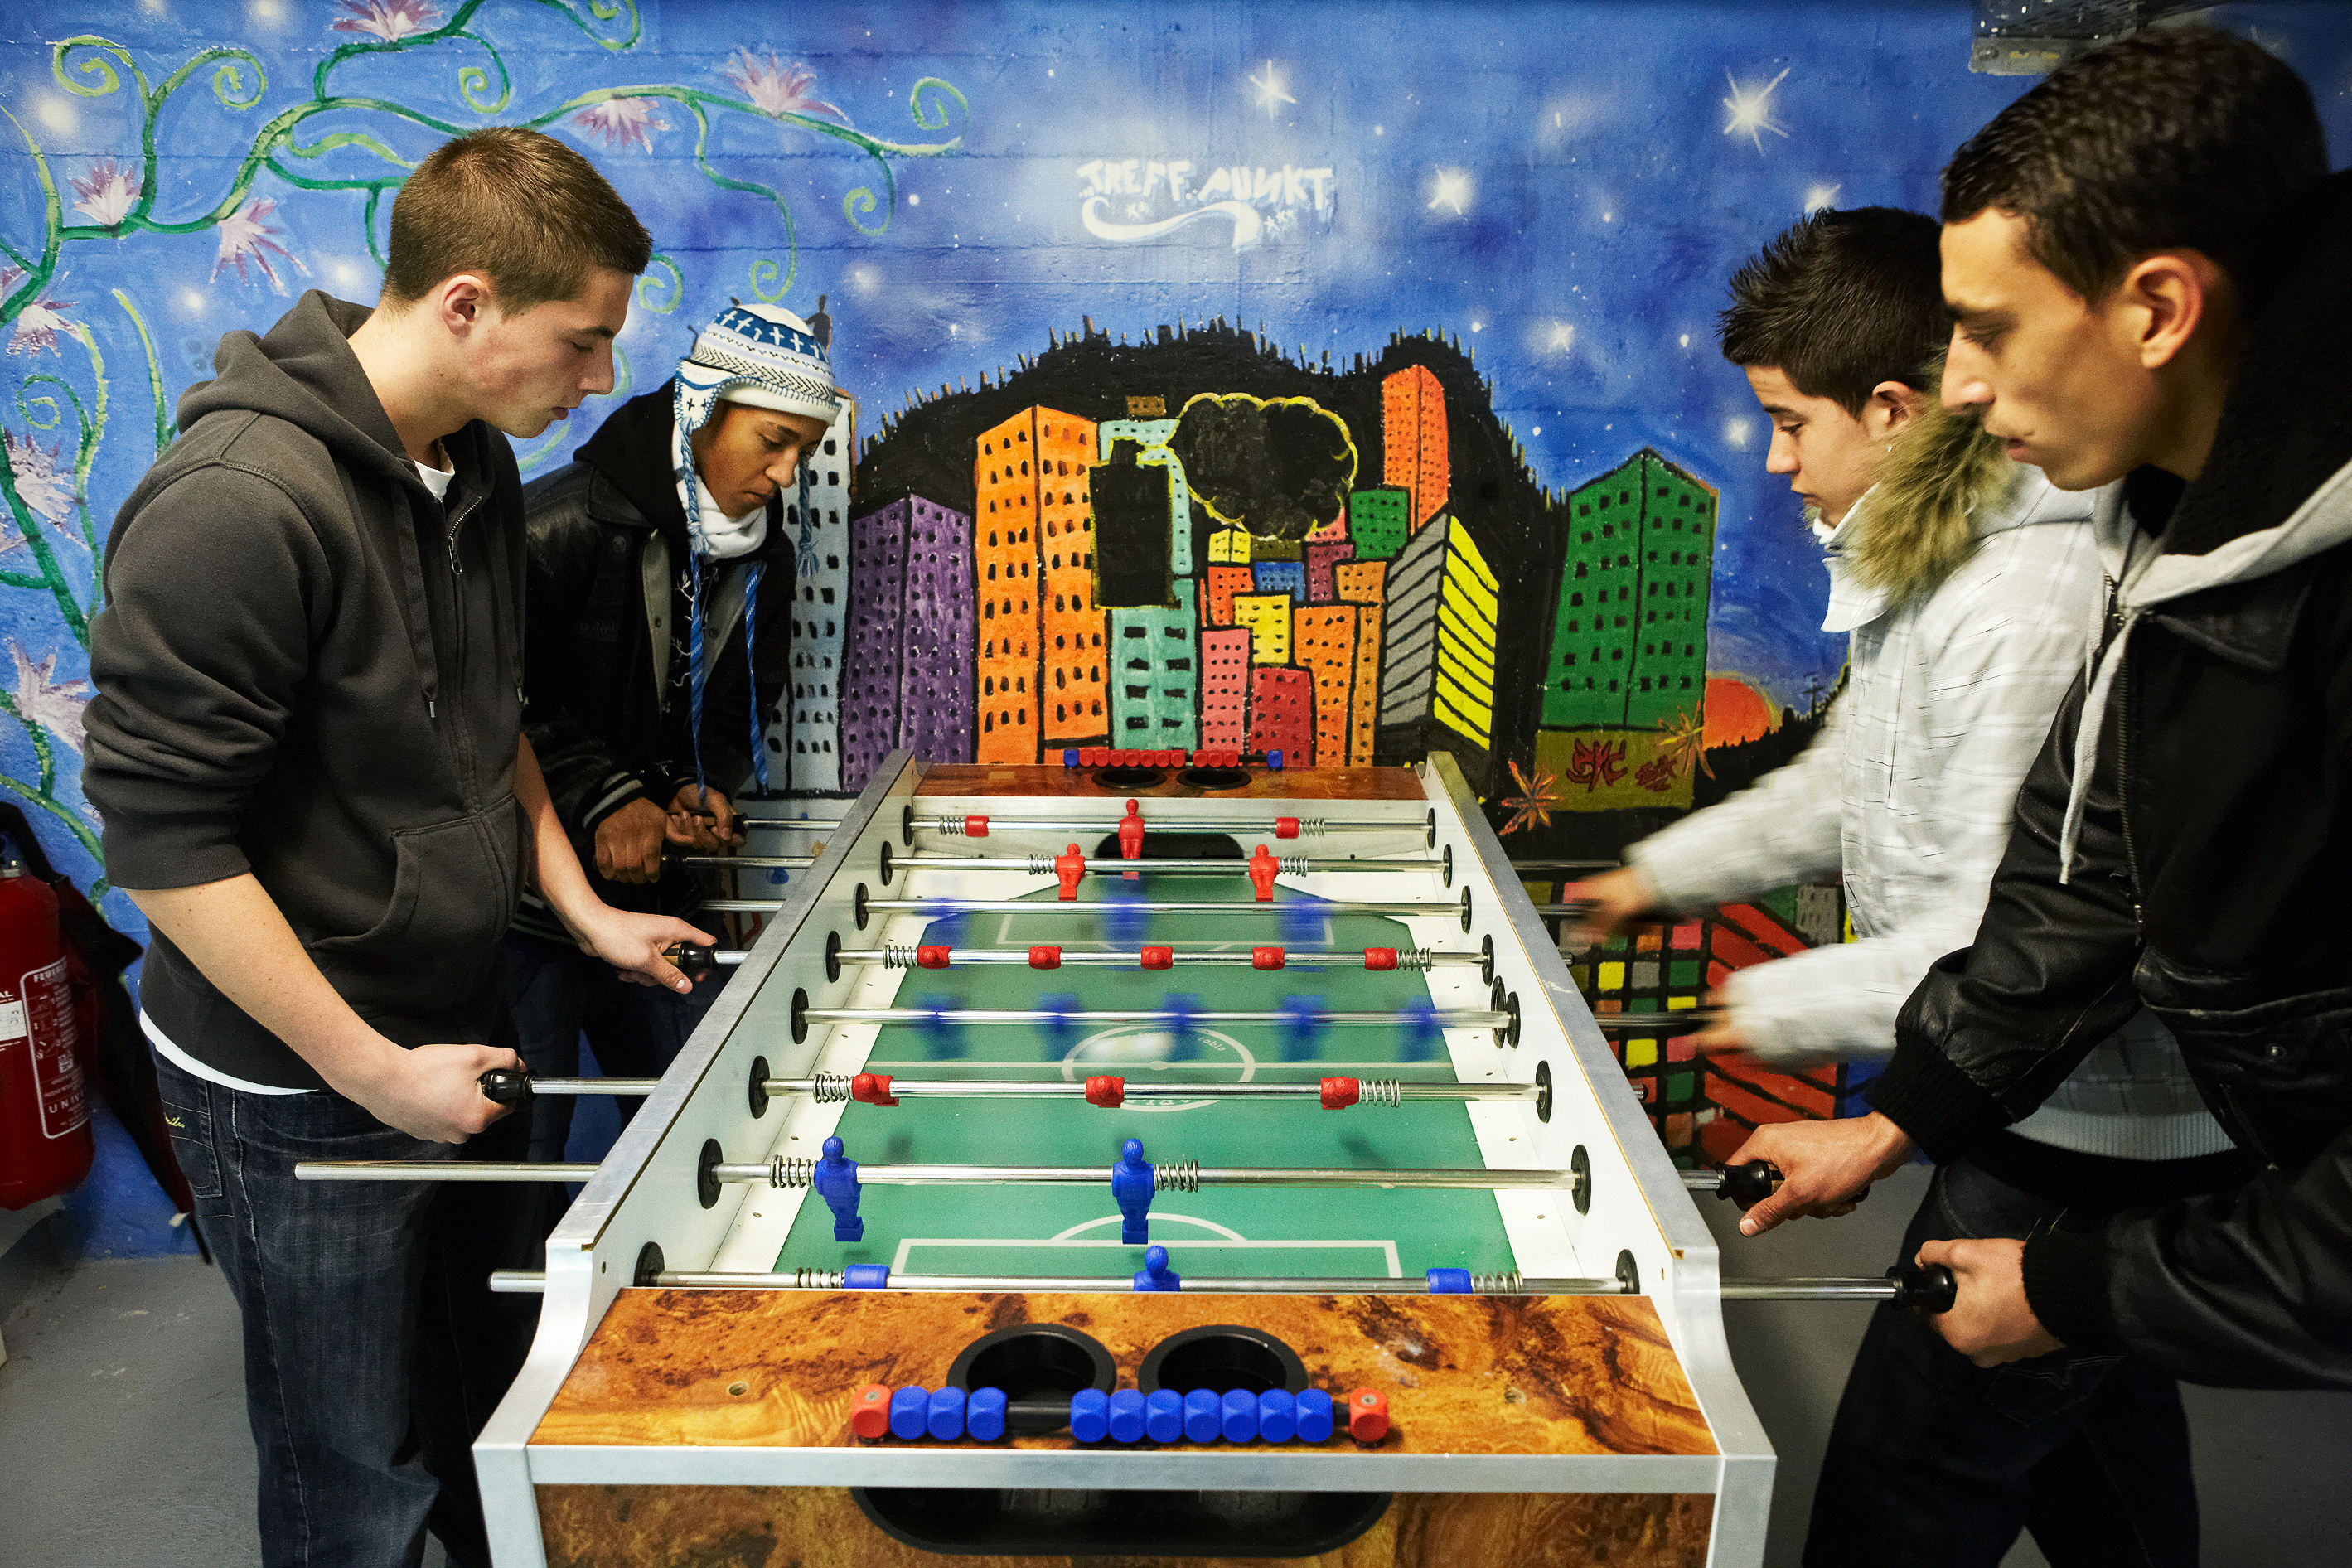 Tischfussball im Jugendtreff Bunker